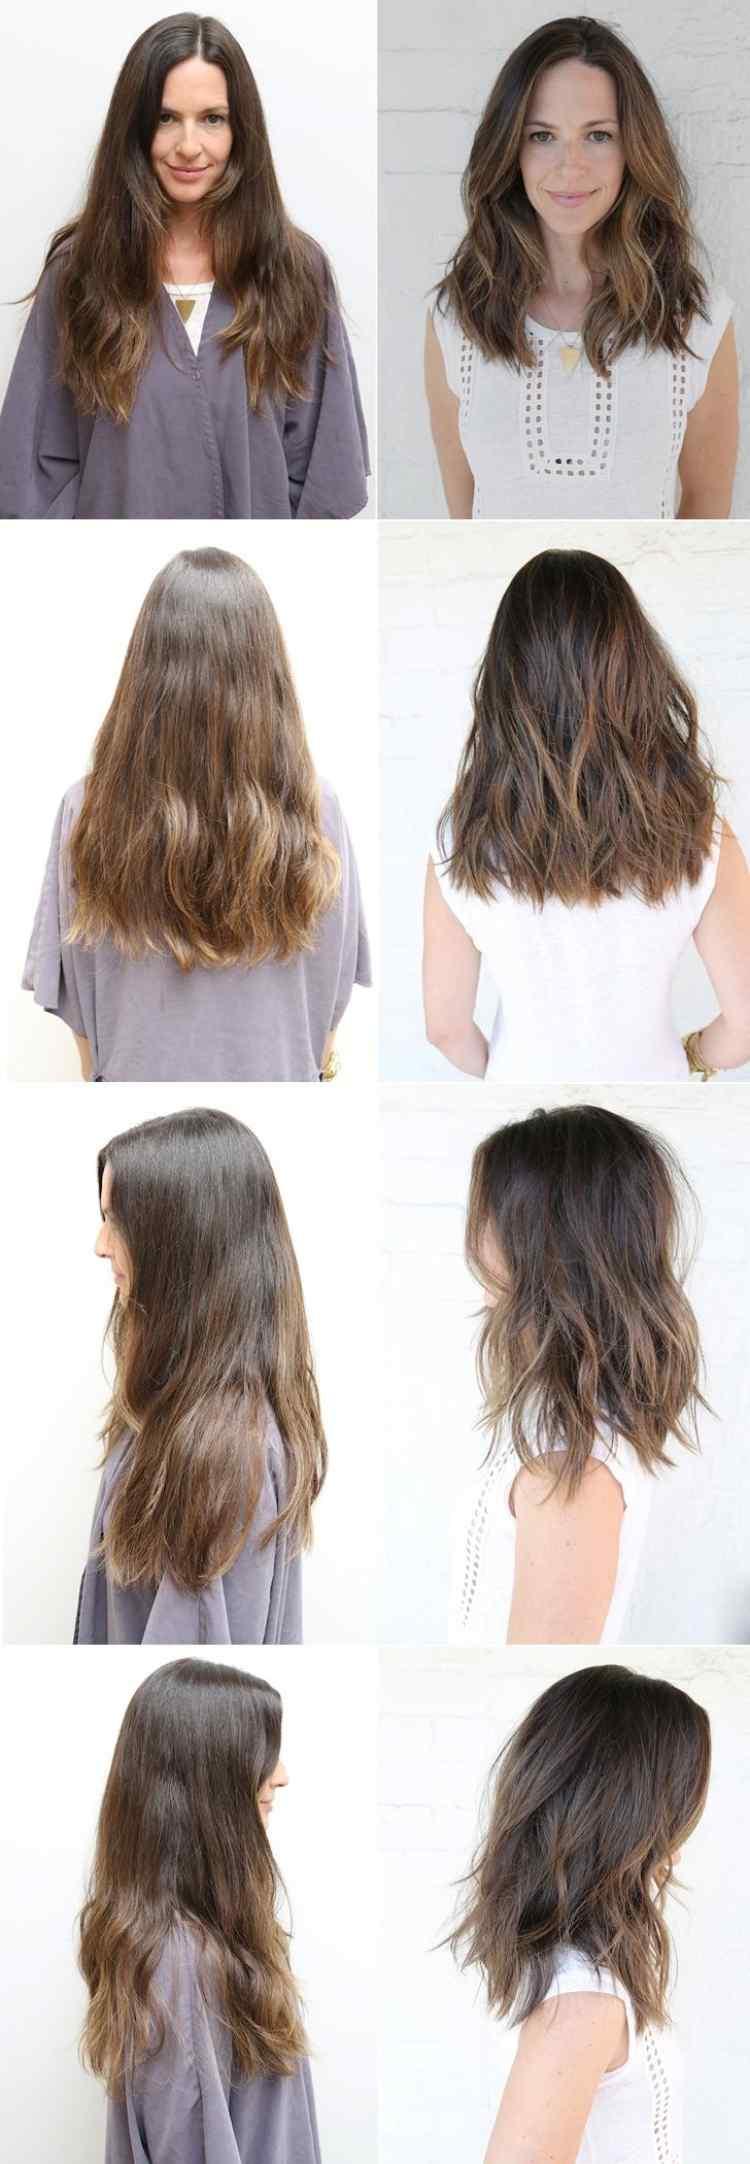 Frisuren Für Lange Haare 30 Ideen Für Tolle Stufenschnitte